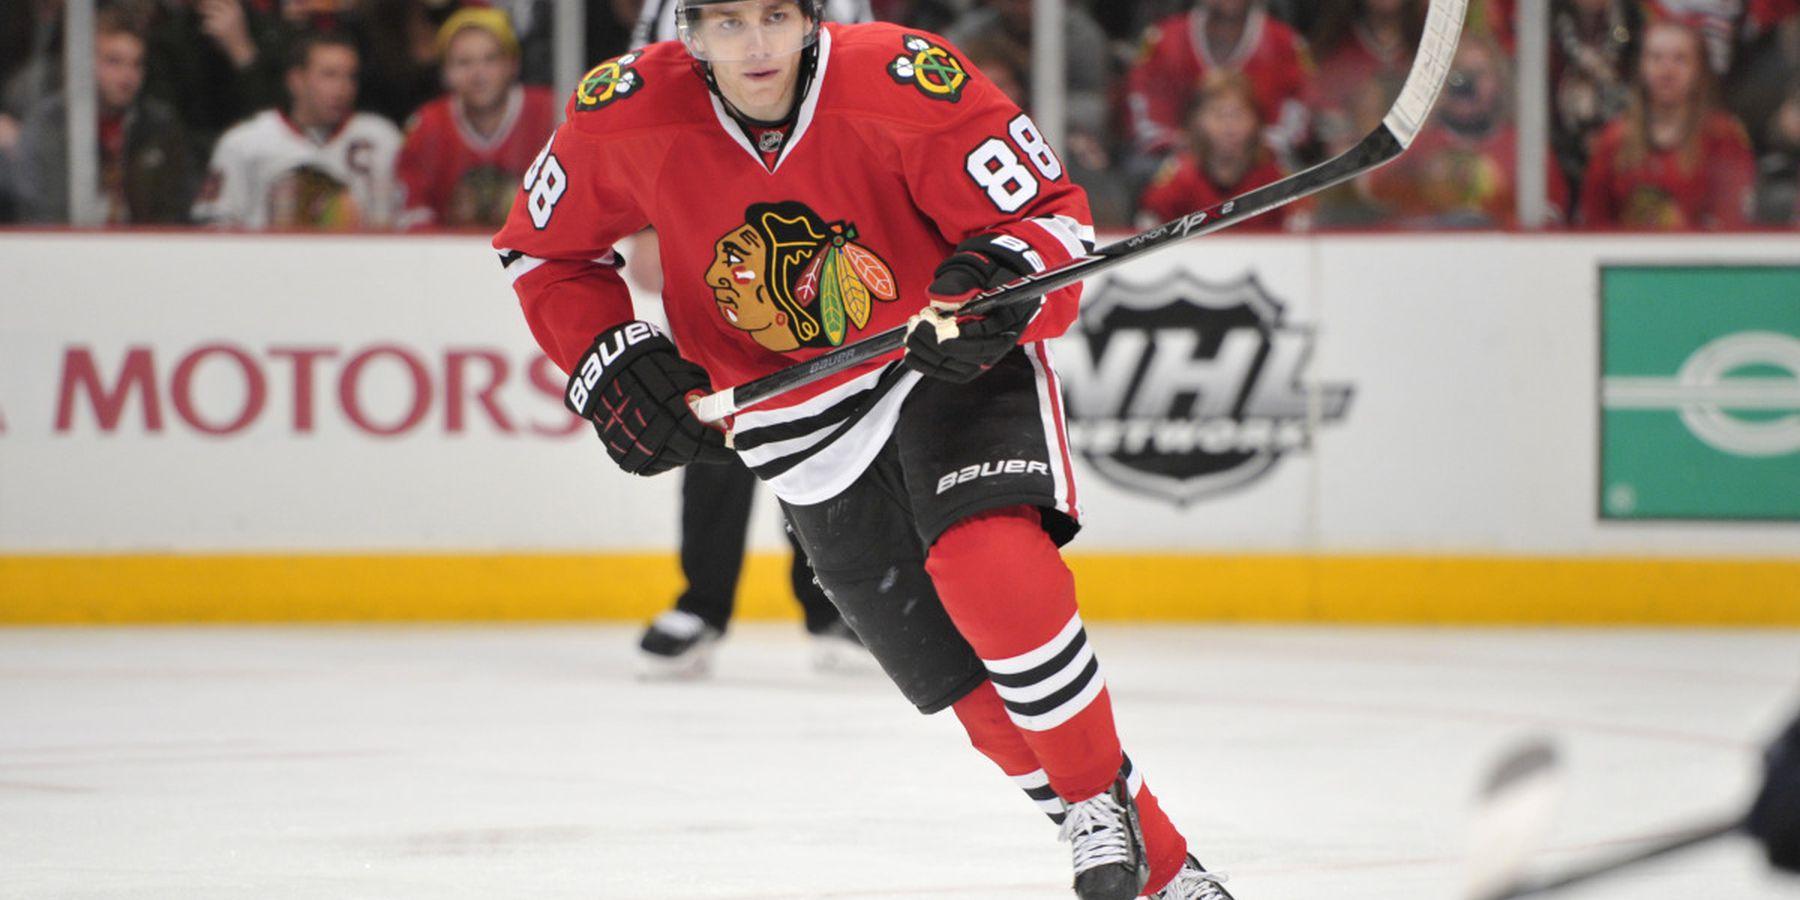 IJshockey - Sport - Chicago - Illinois - Doets Reizen